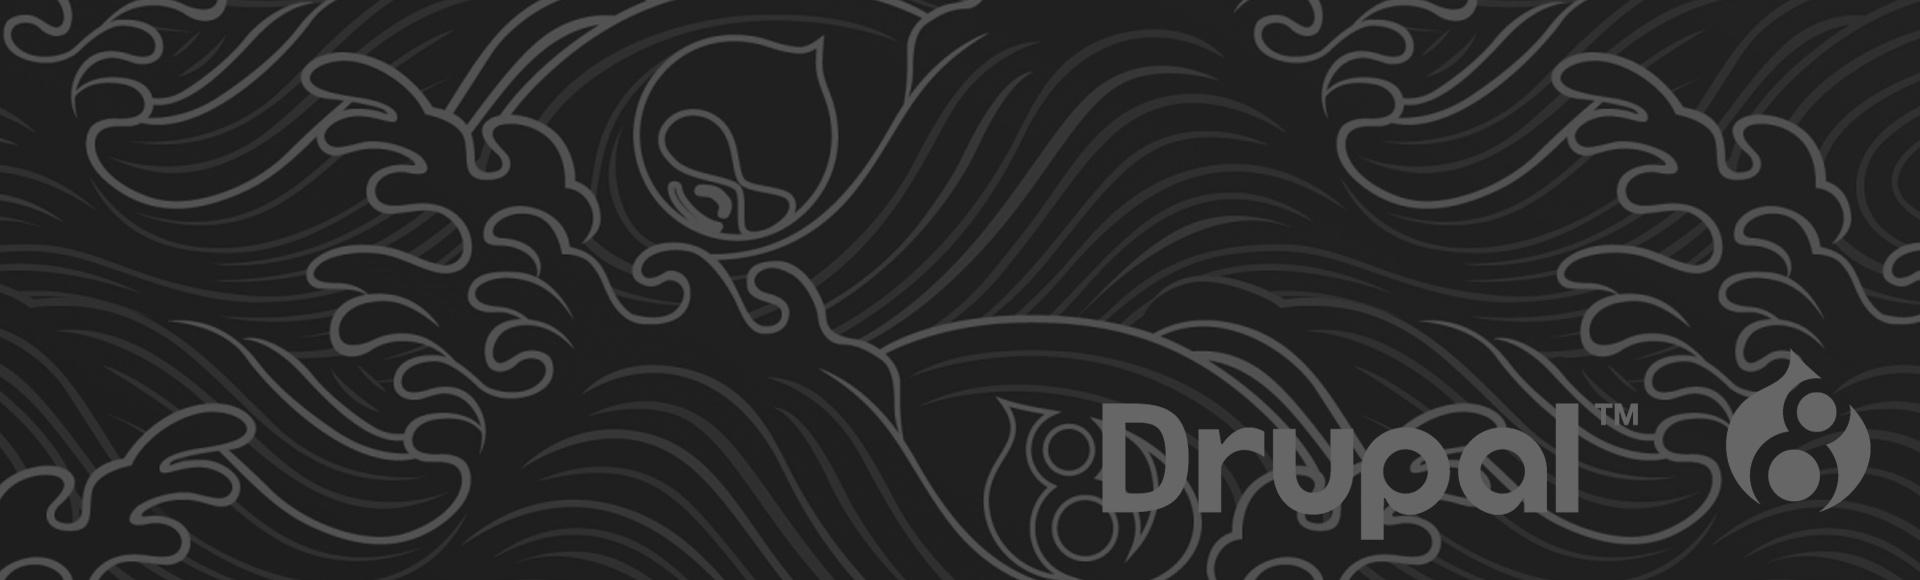 drupal-website-design-and-development-banner